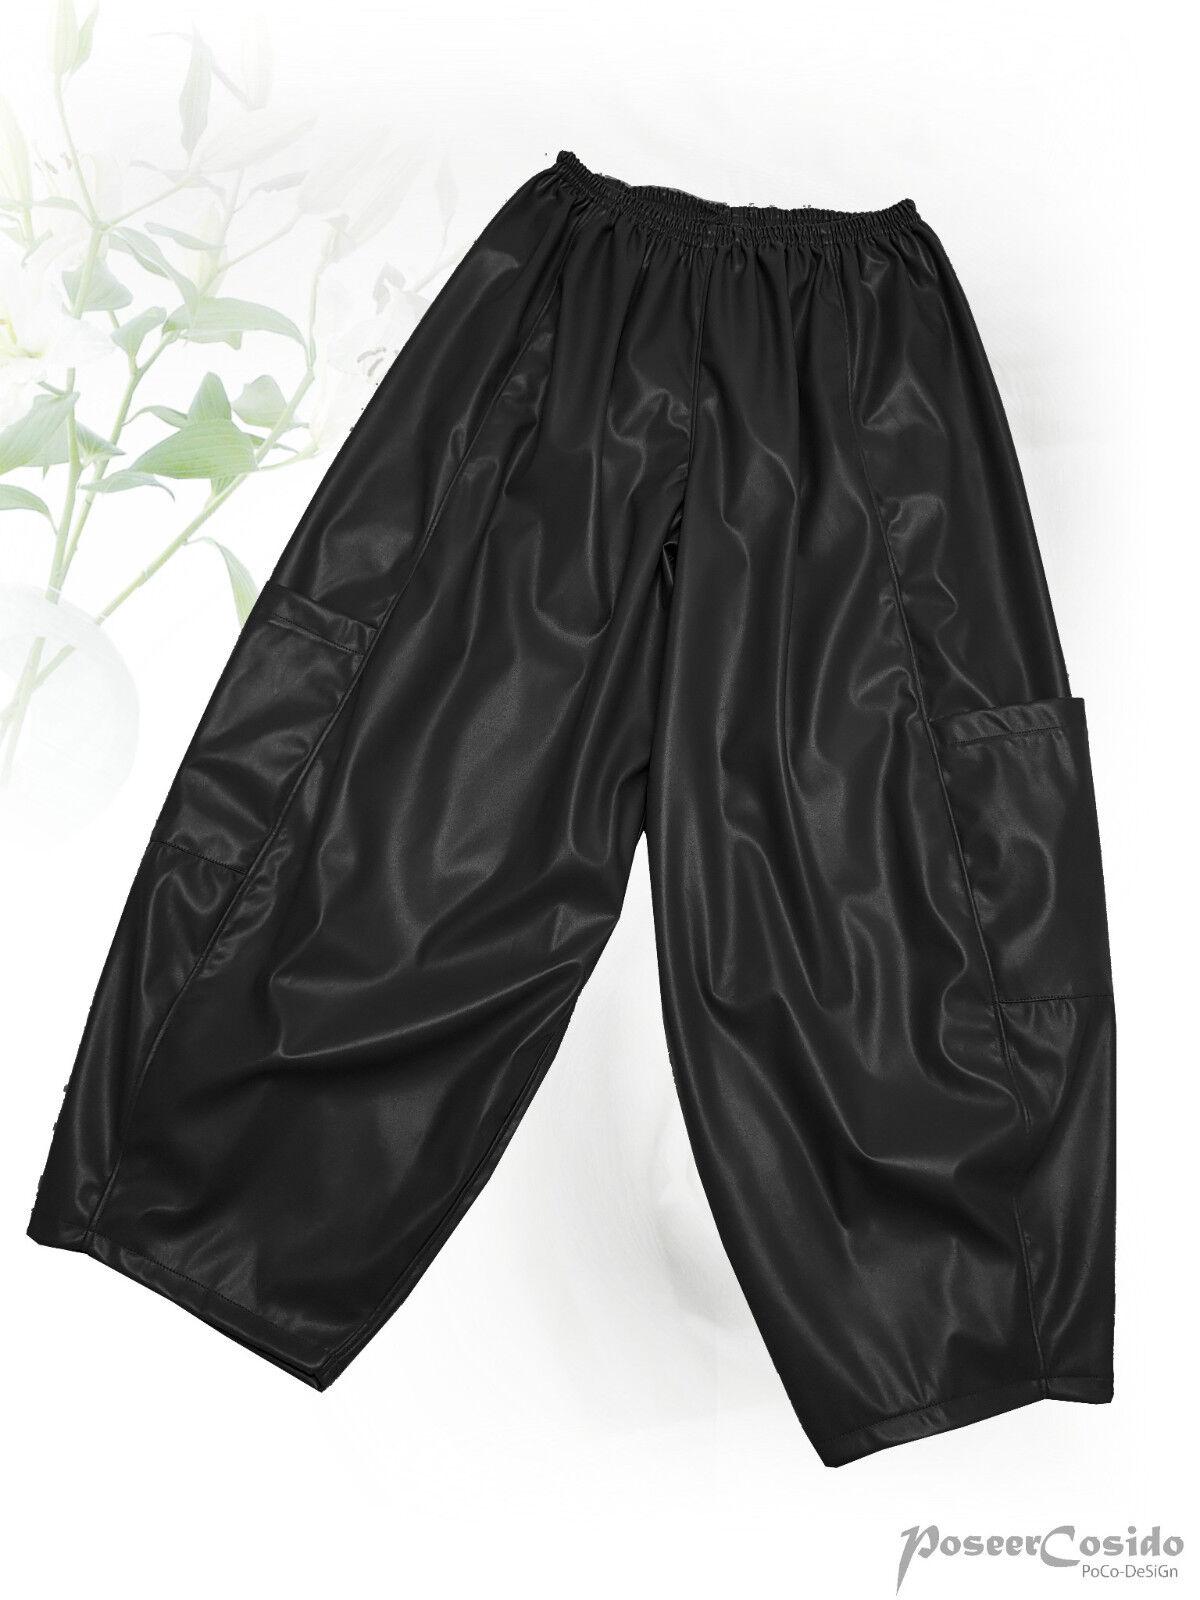 Poco design Lagenlook palloncino pantaloni arte-Pelle-Pantaloni Nero & Grigio L-XL-XXL-XXXL